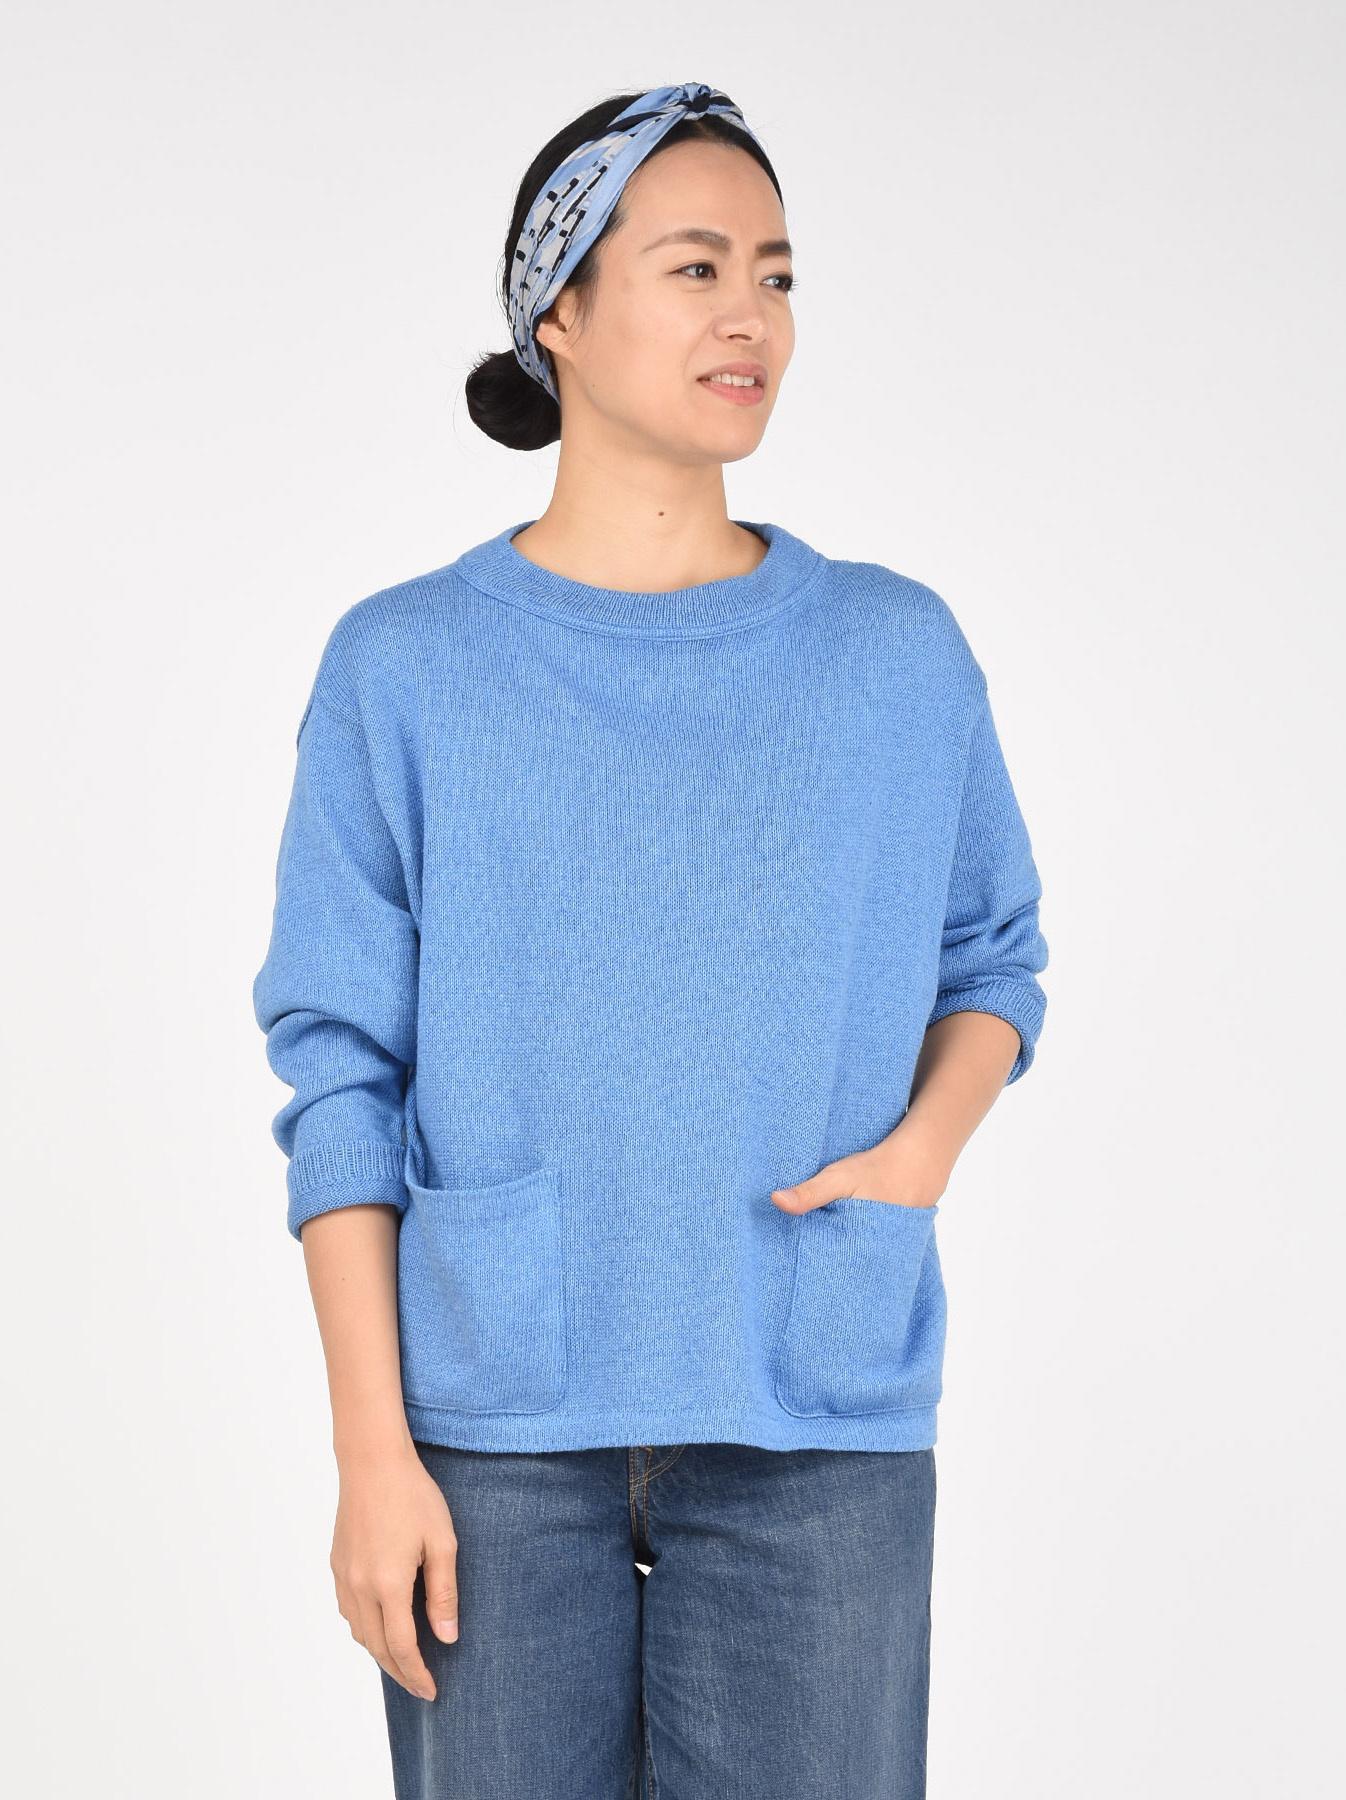 Zimbabwe Cotton Knit-sew 908 Uma Sweater-3